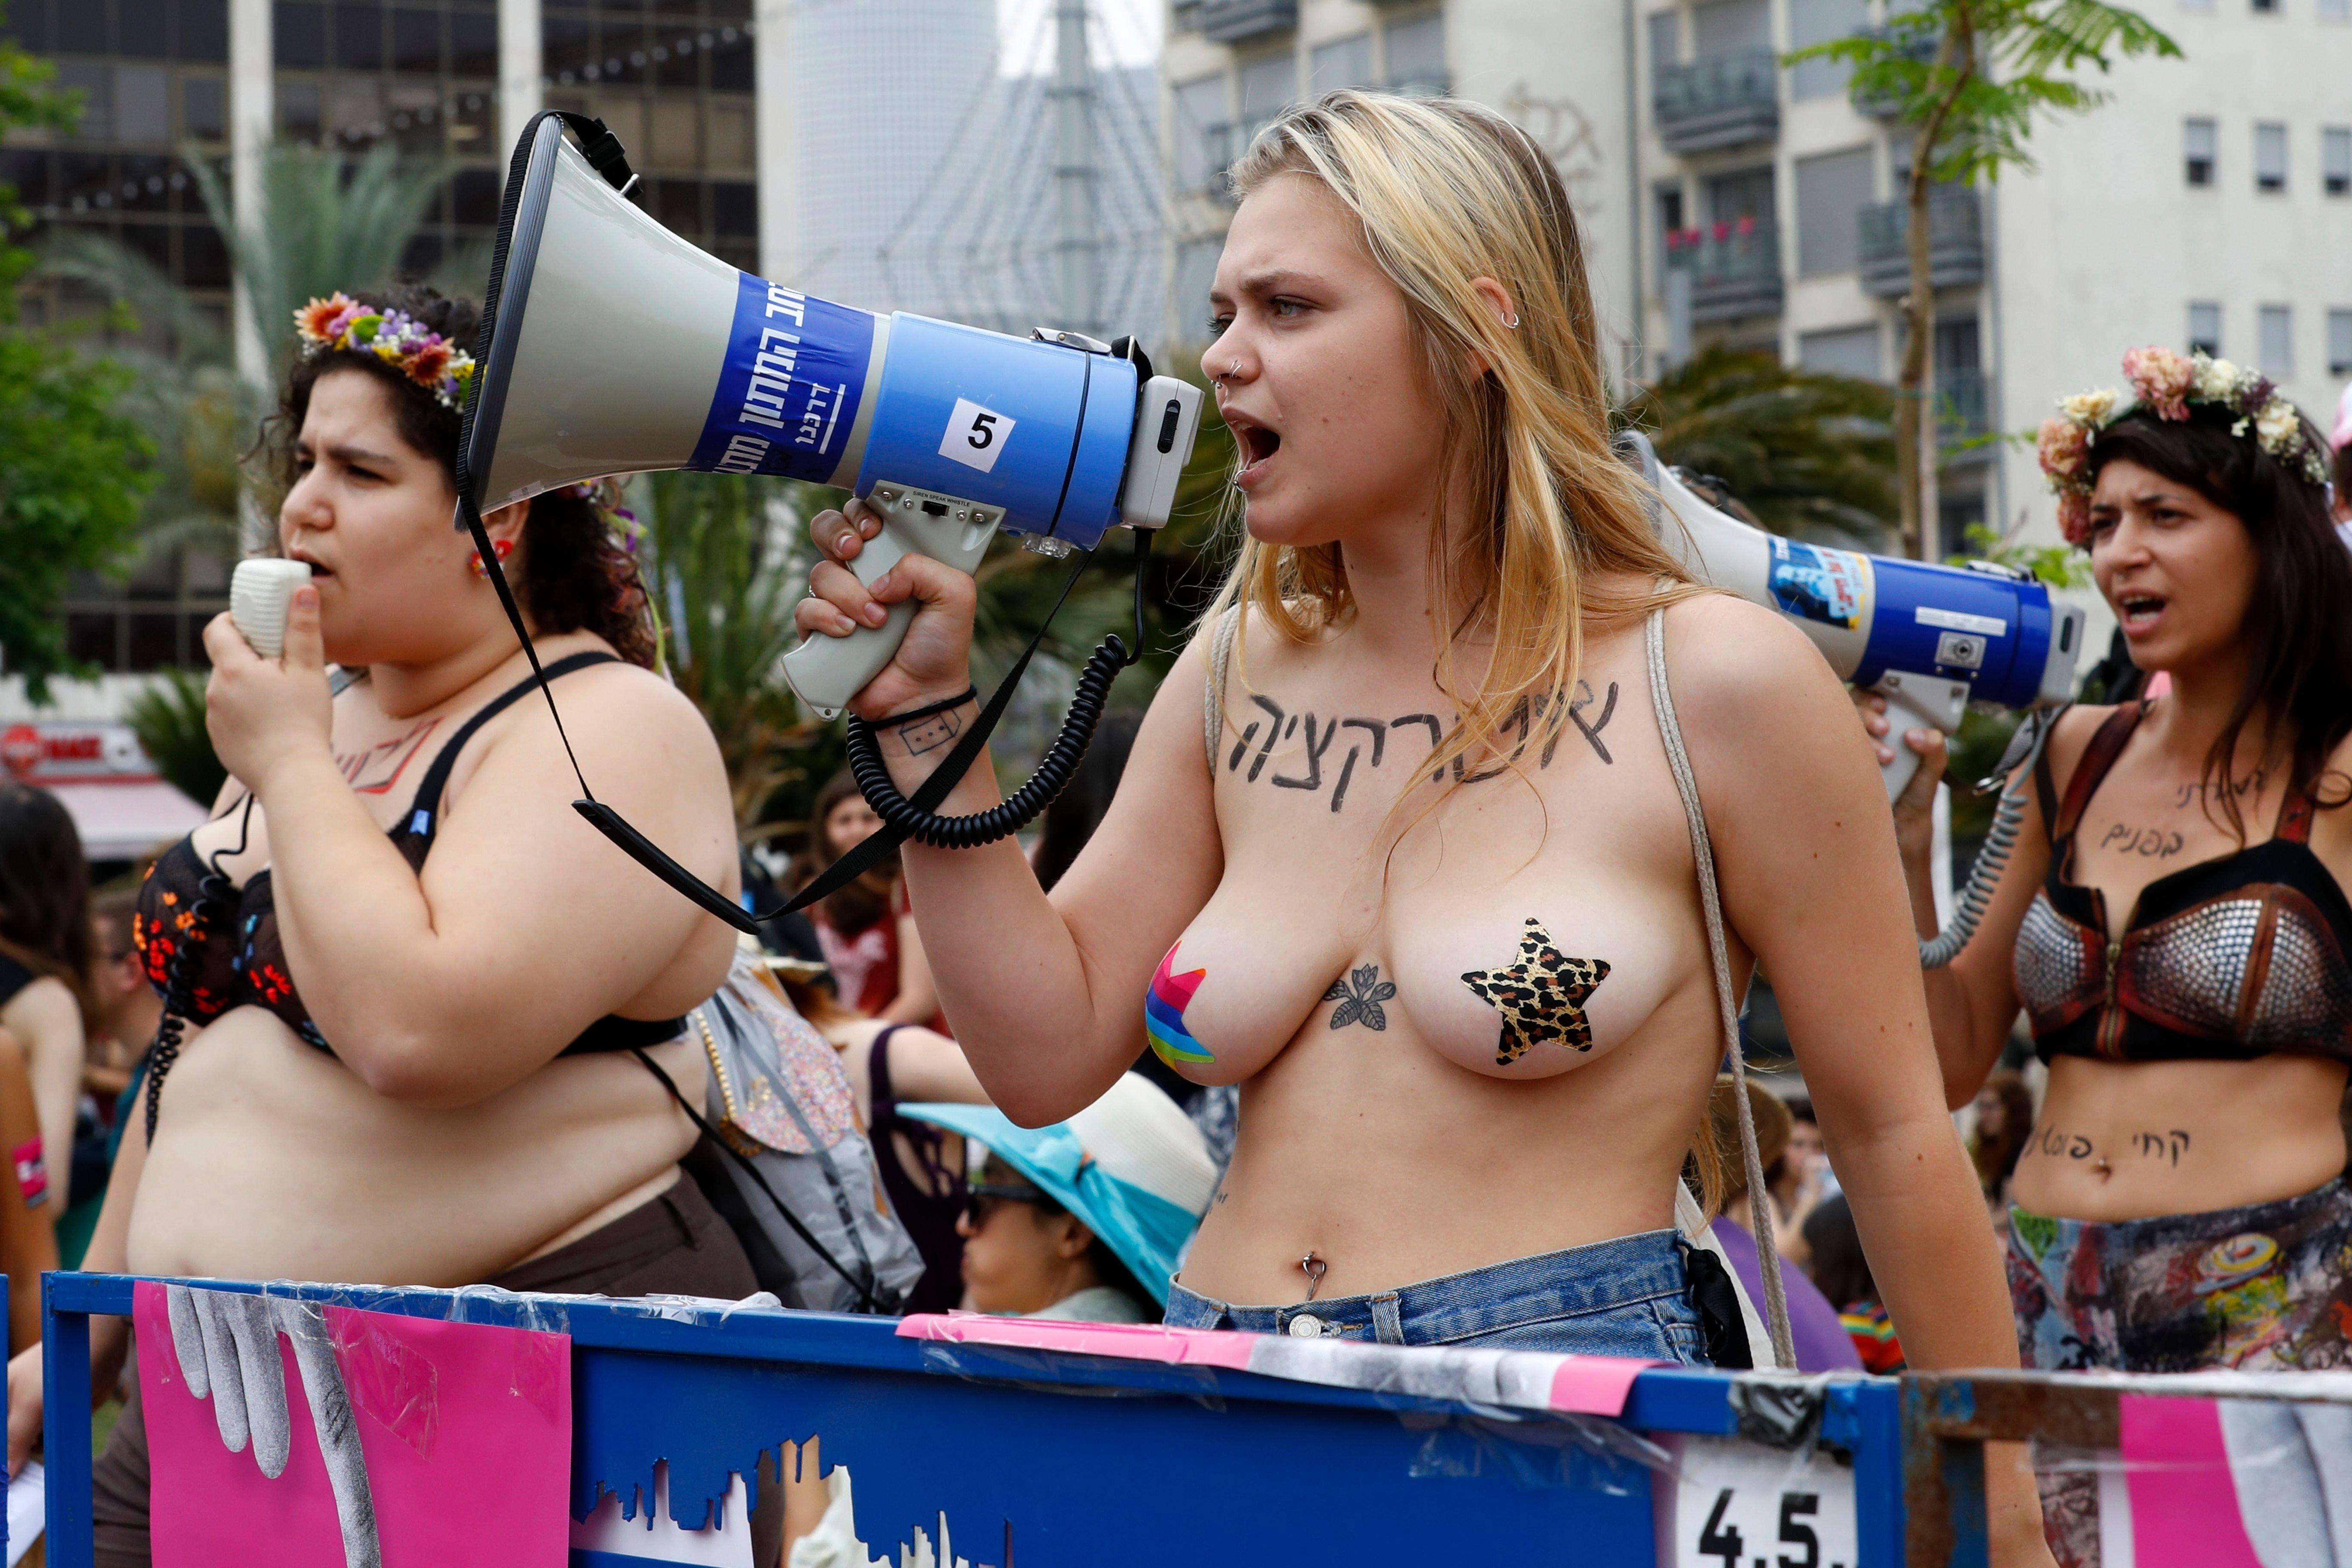 Διαδηλωτές του Slutwalk στο Ισραήλ βγήκαν απ' τα ρούχα τους για να φωνάξουν κατά της κακοποίησης και του